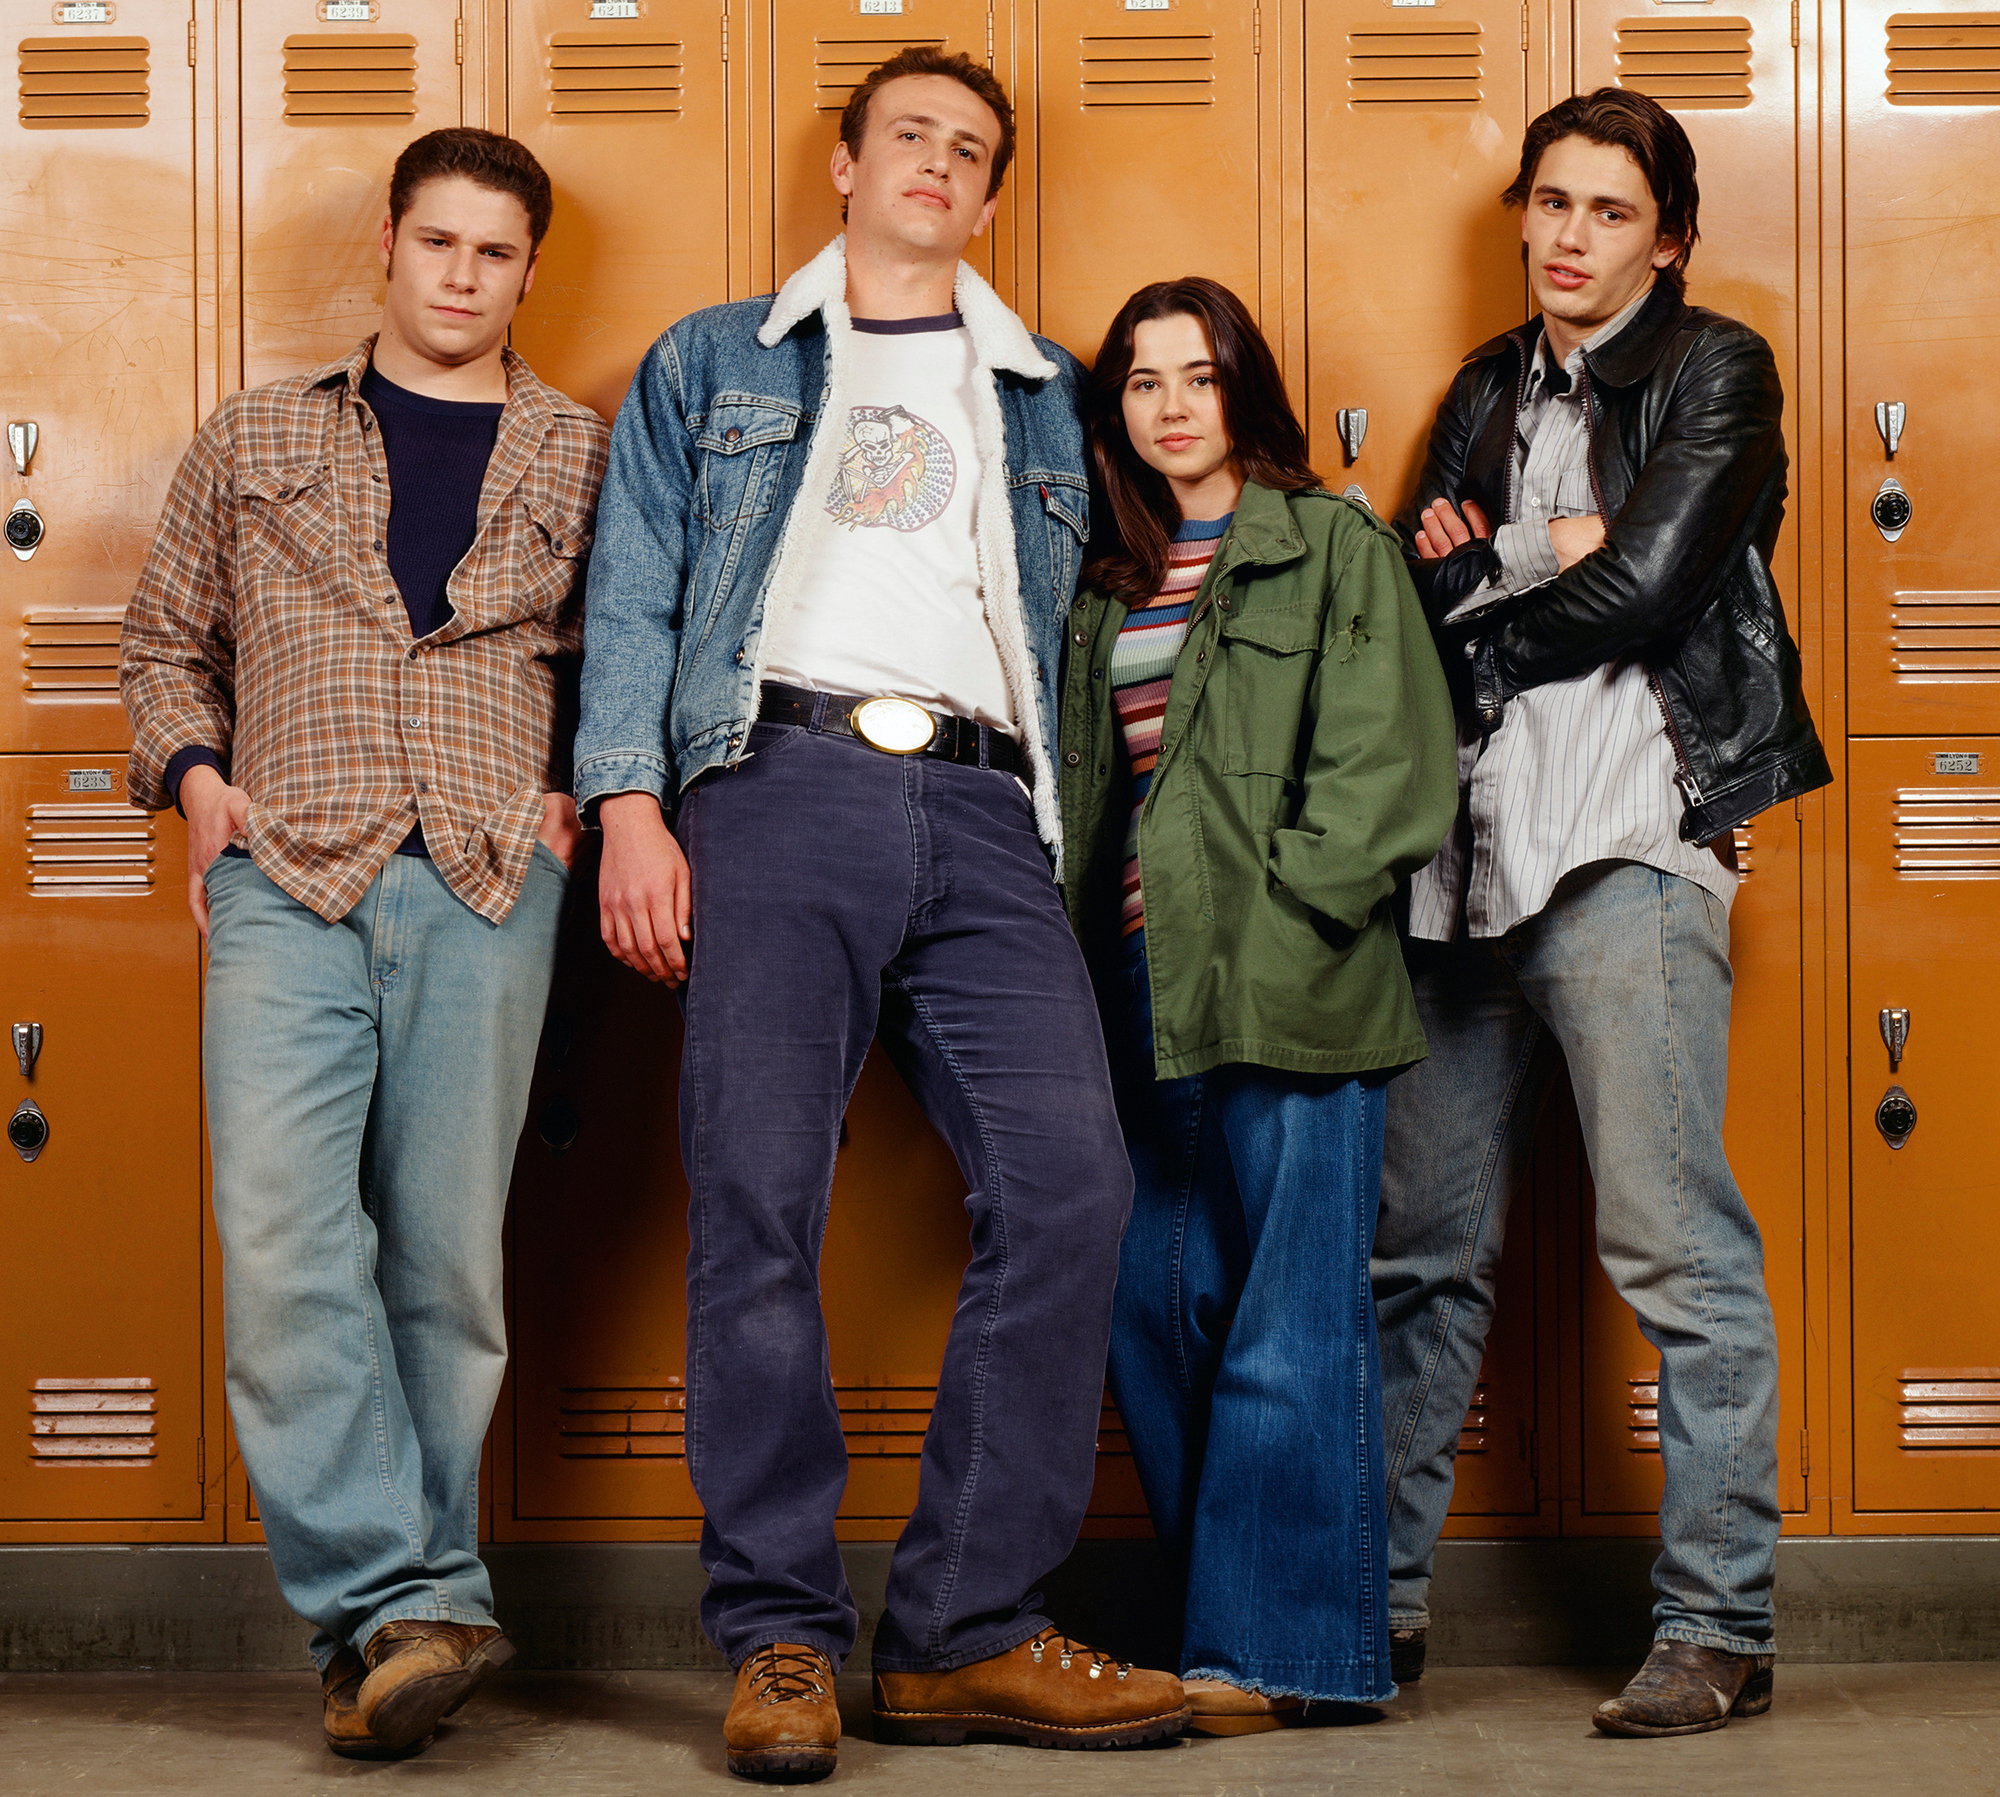 Linda Cardellini Talks 'Freaks and Geeks' Reboot - Seth Rogen as Ken Miller, Jason Segel as Nick Andopolis, Linda Cardellini as Lindsay Weir, and James Franco as Daniel Desario on 'Freaks and Geeks.'